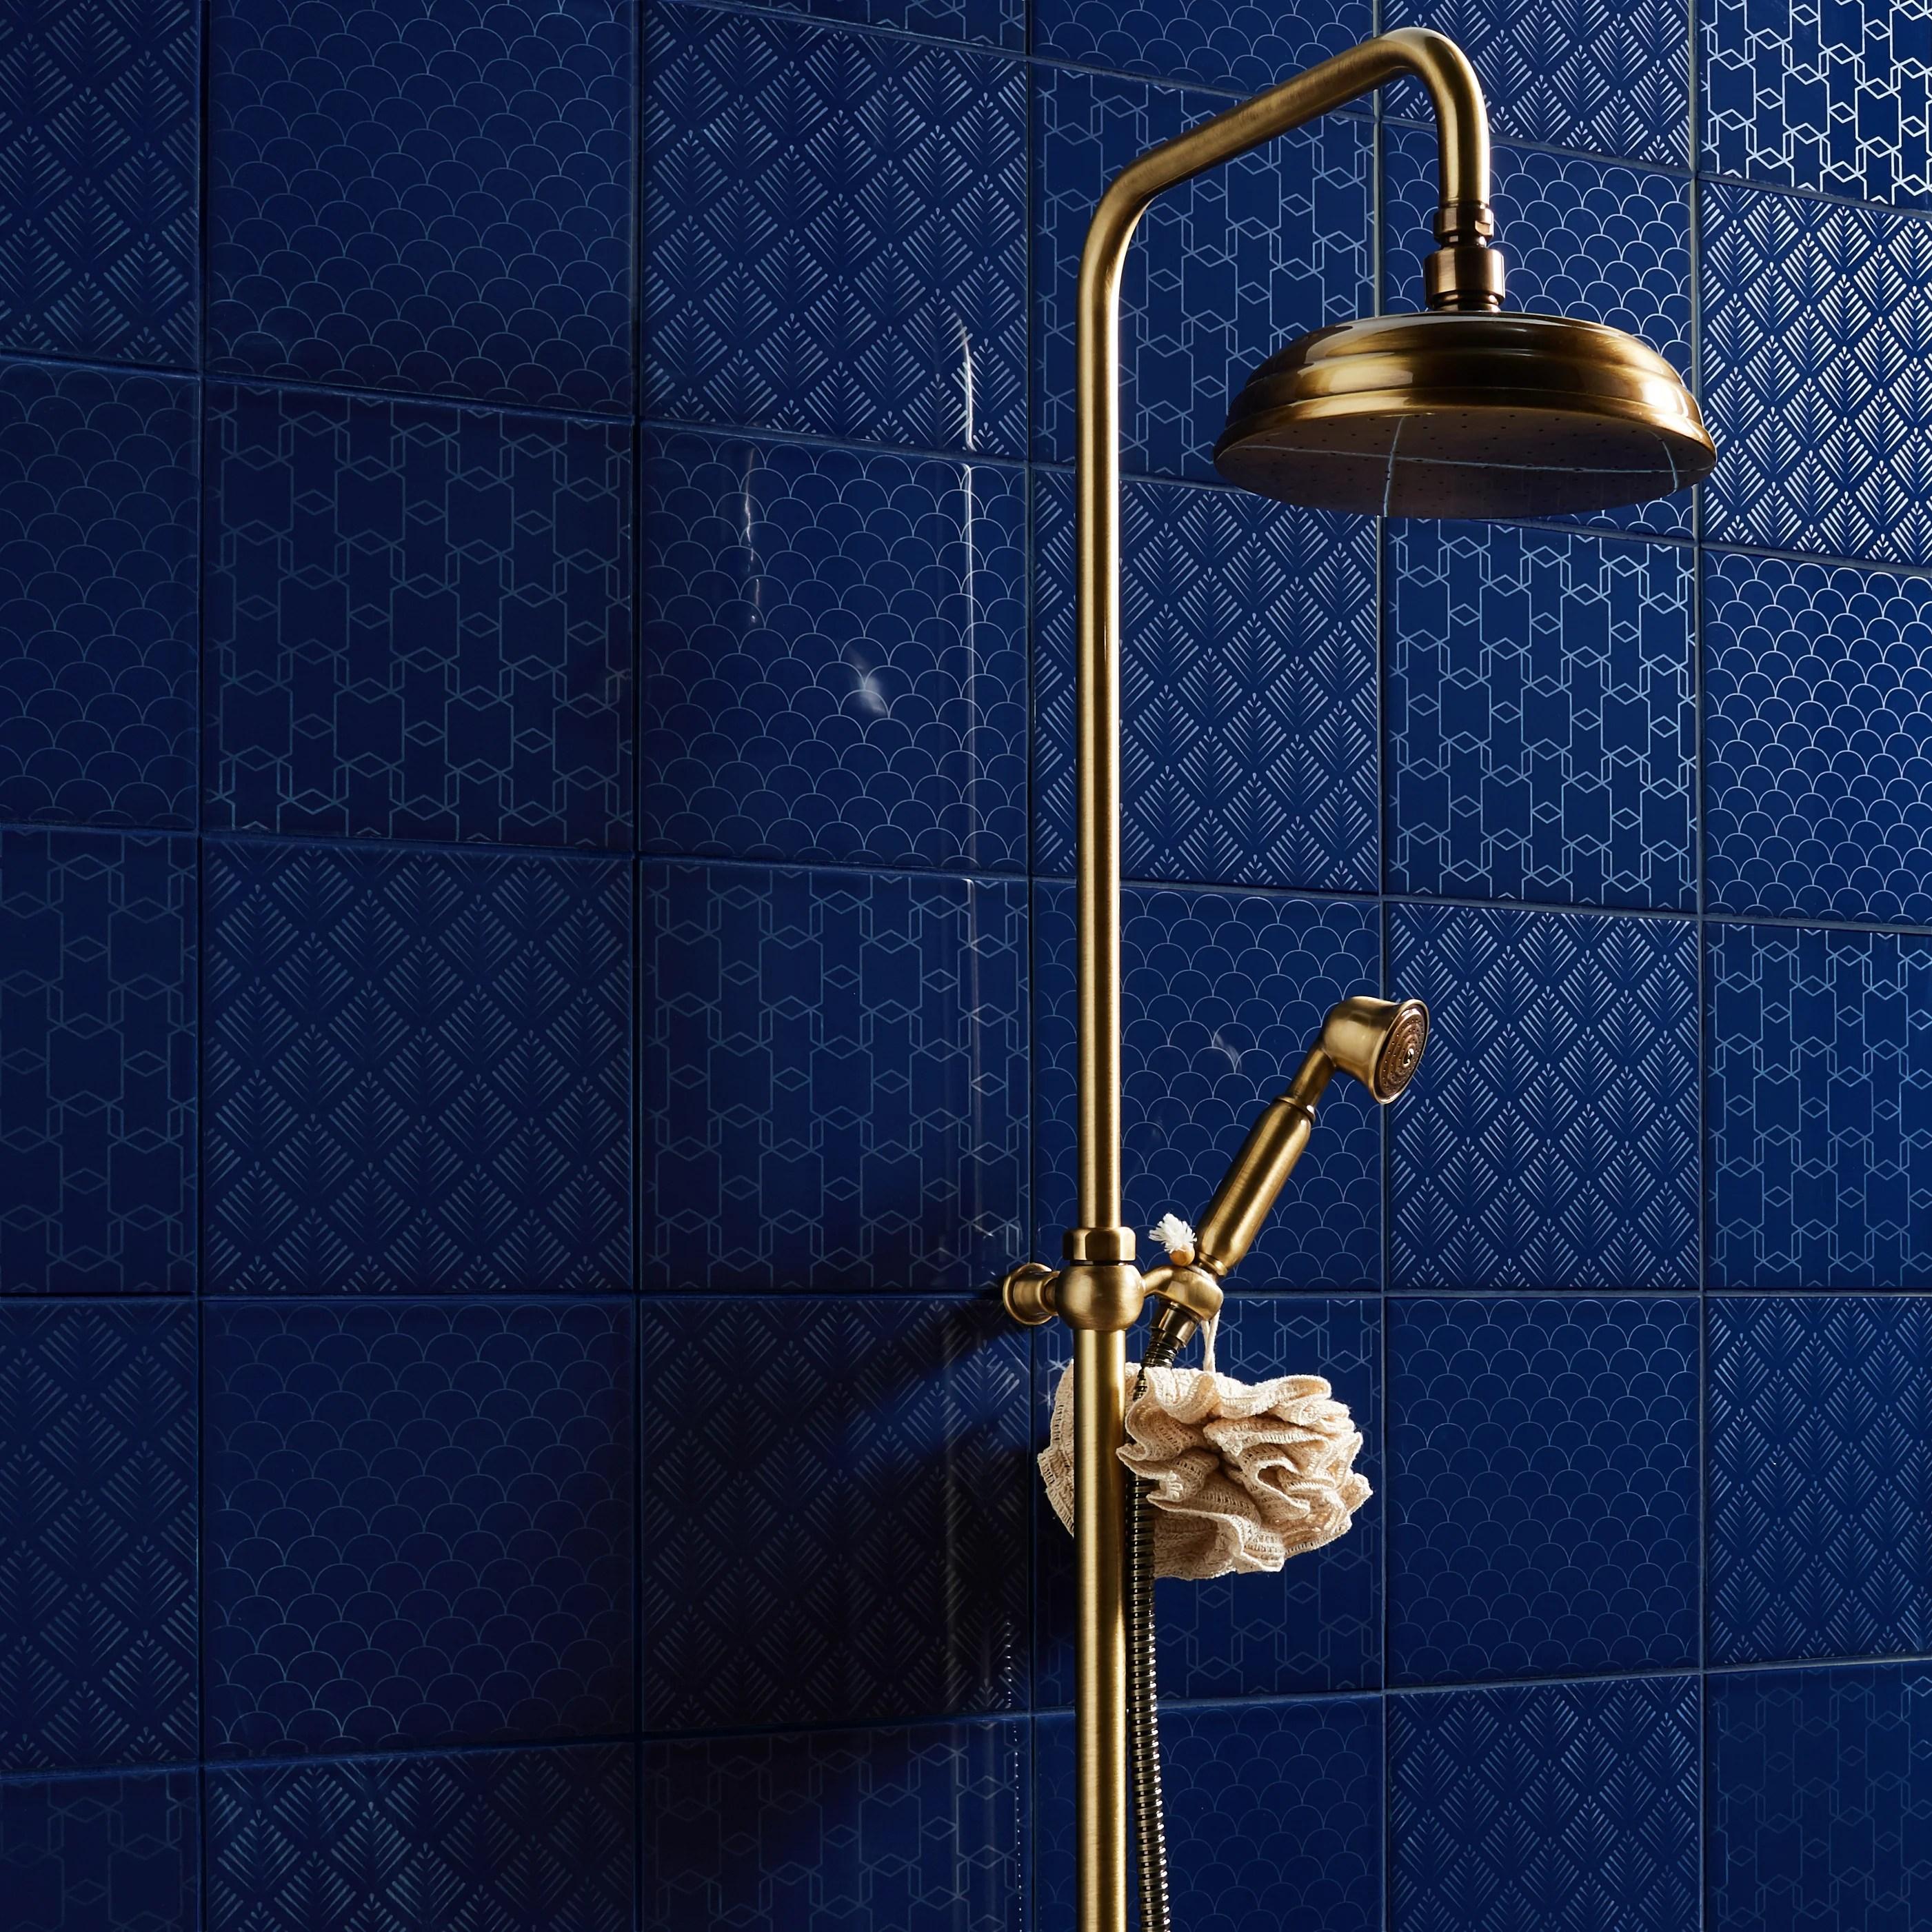 mur forte bleu nuit brillant l 19 7 x